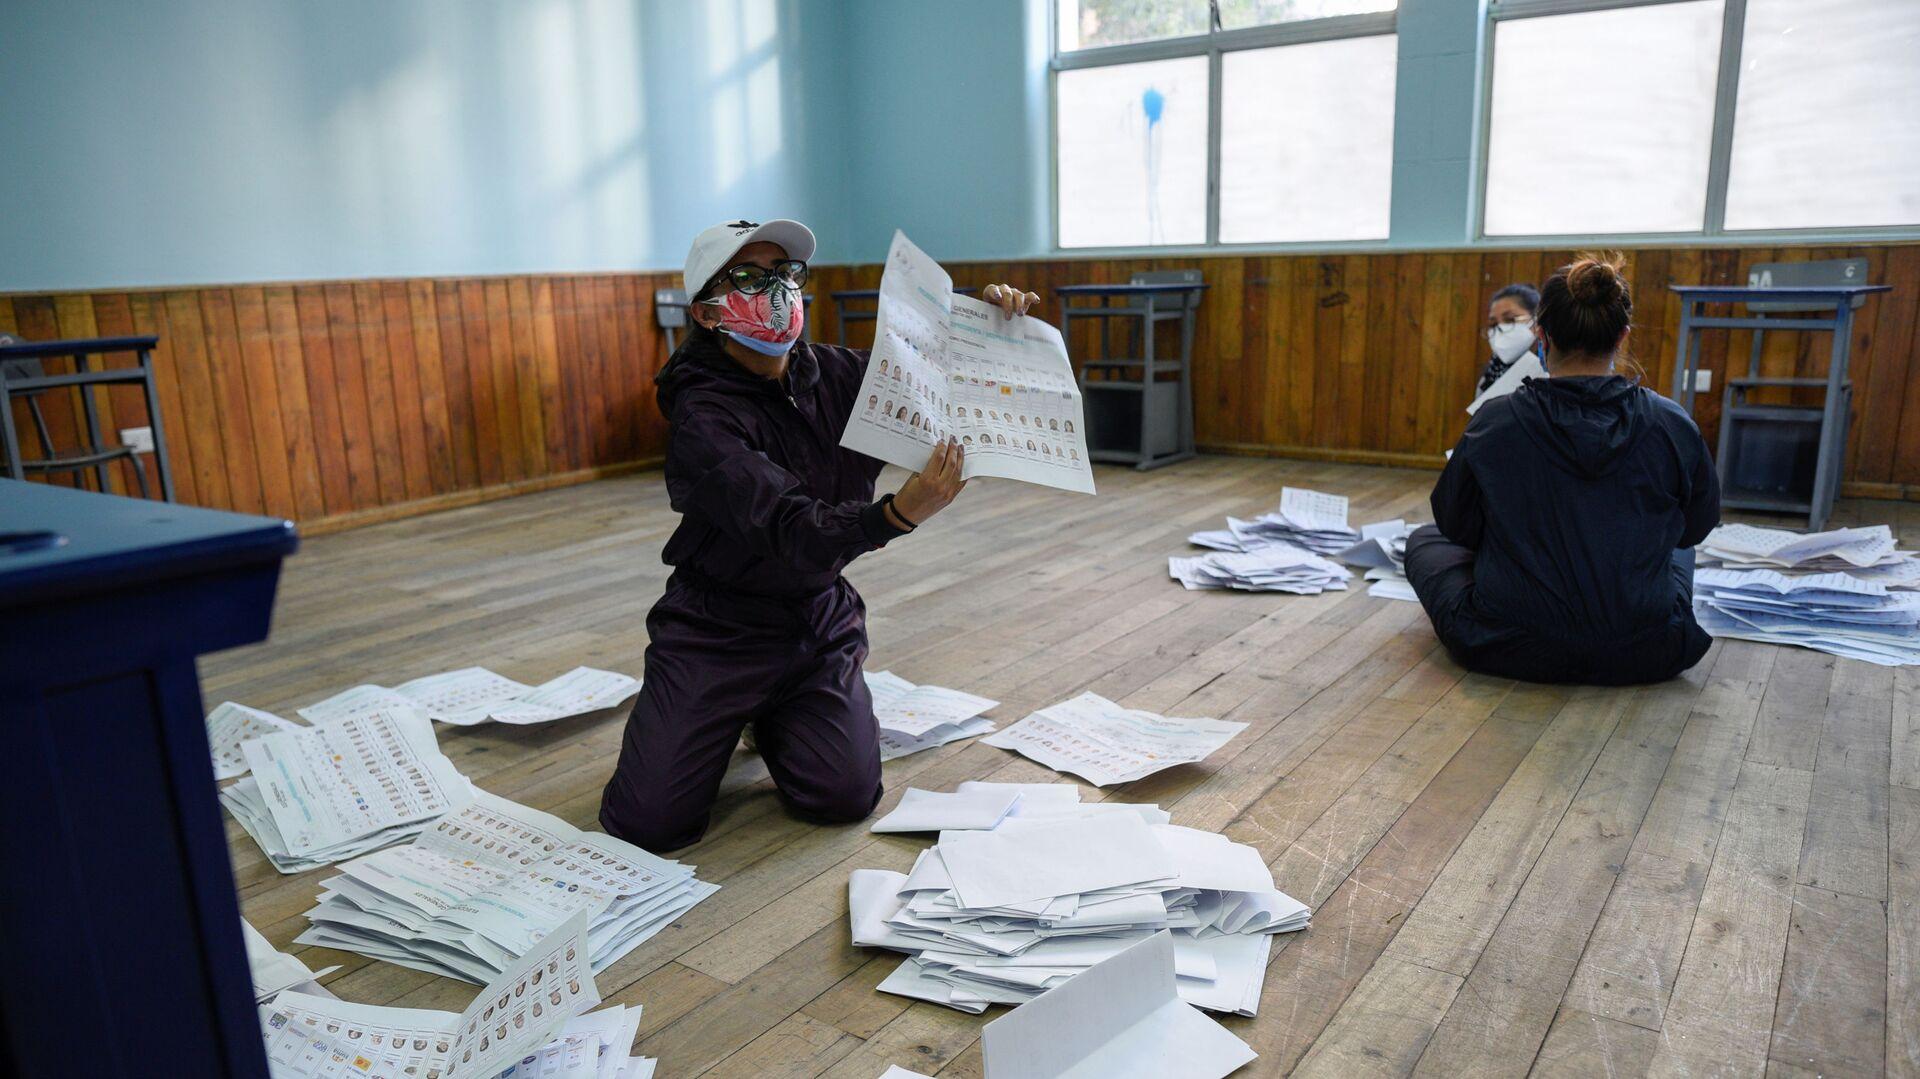 El escrutinio de votos en Ecuador - Sputnik Mundo, 1920, 08.02.2021